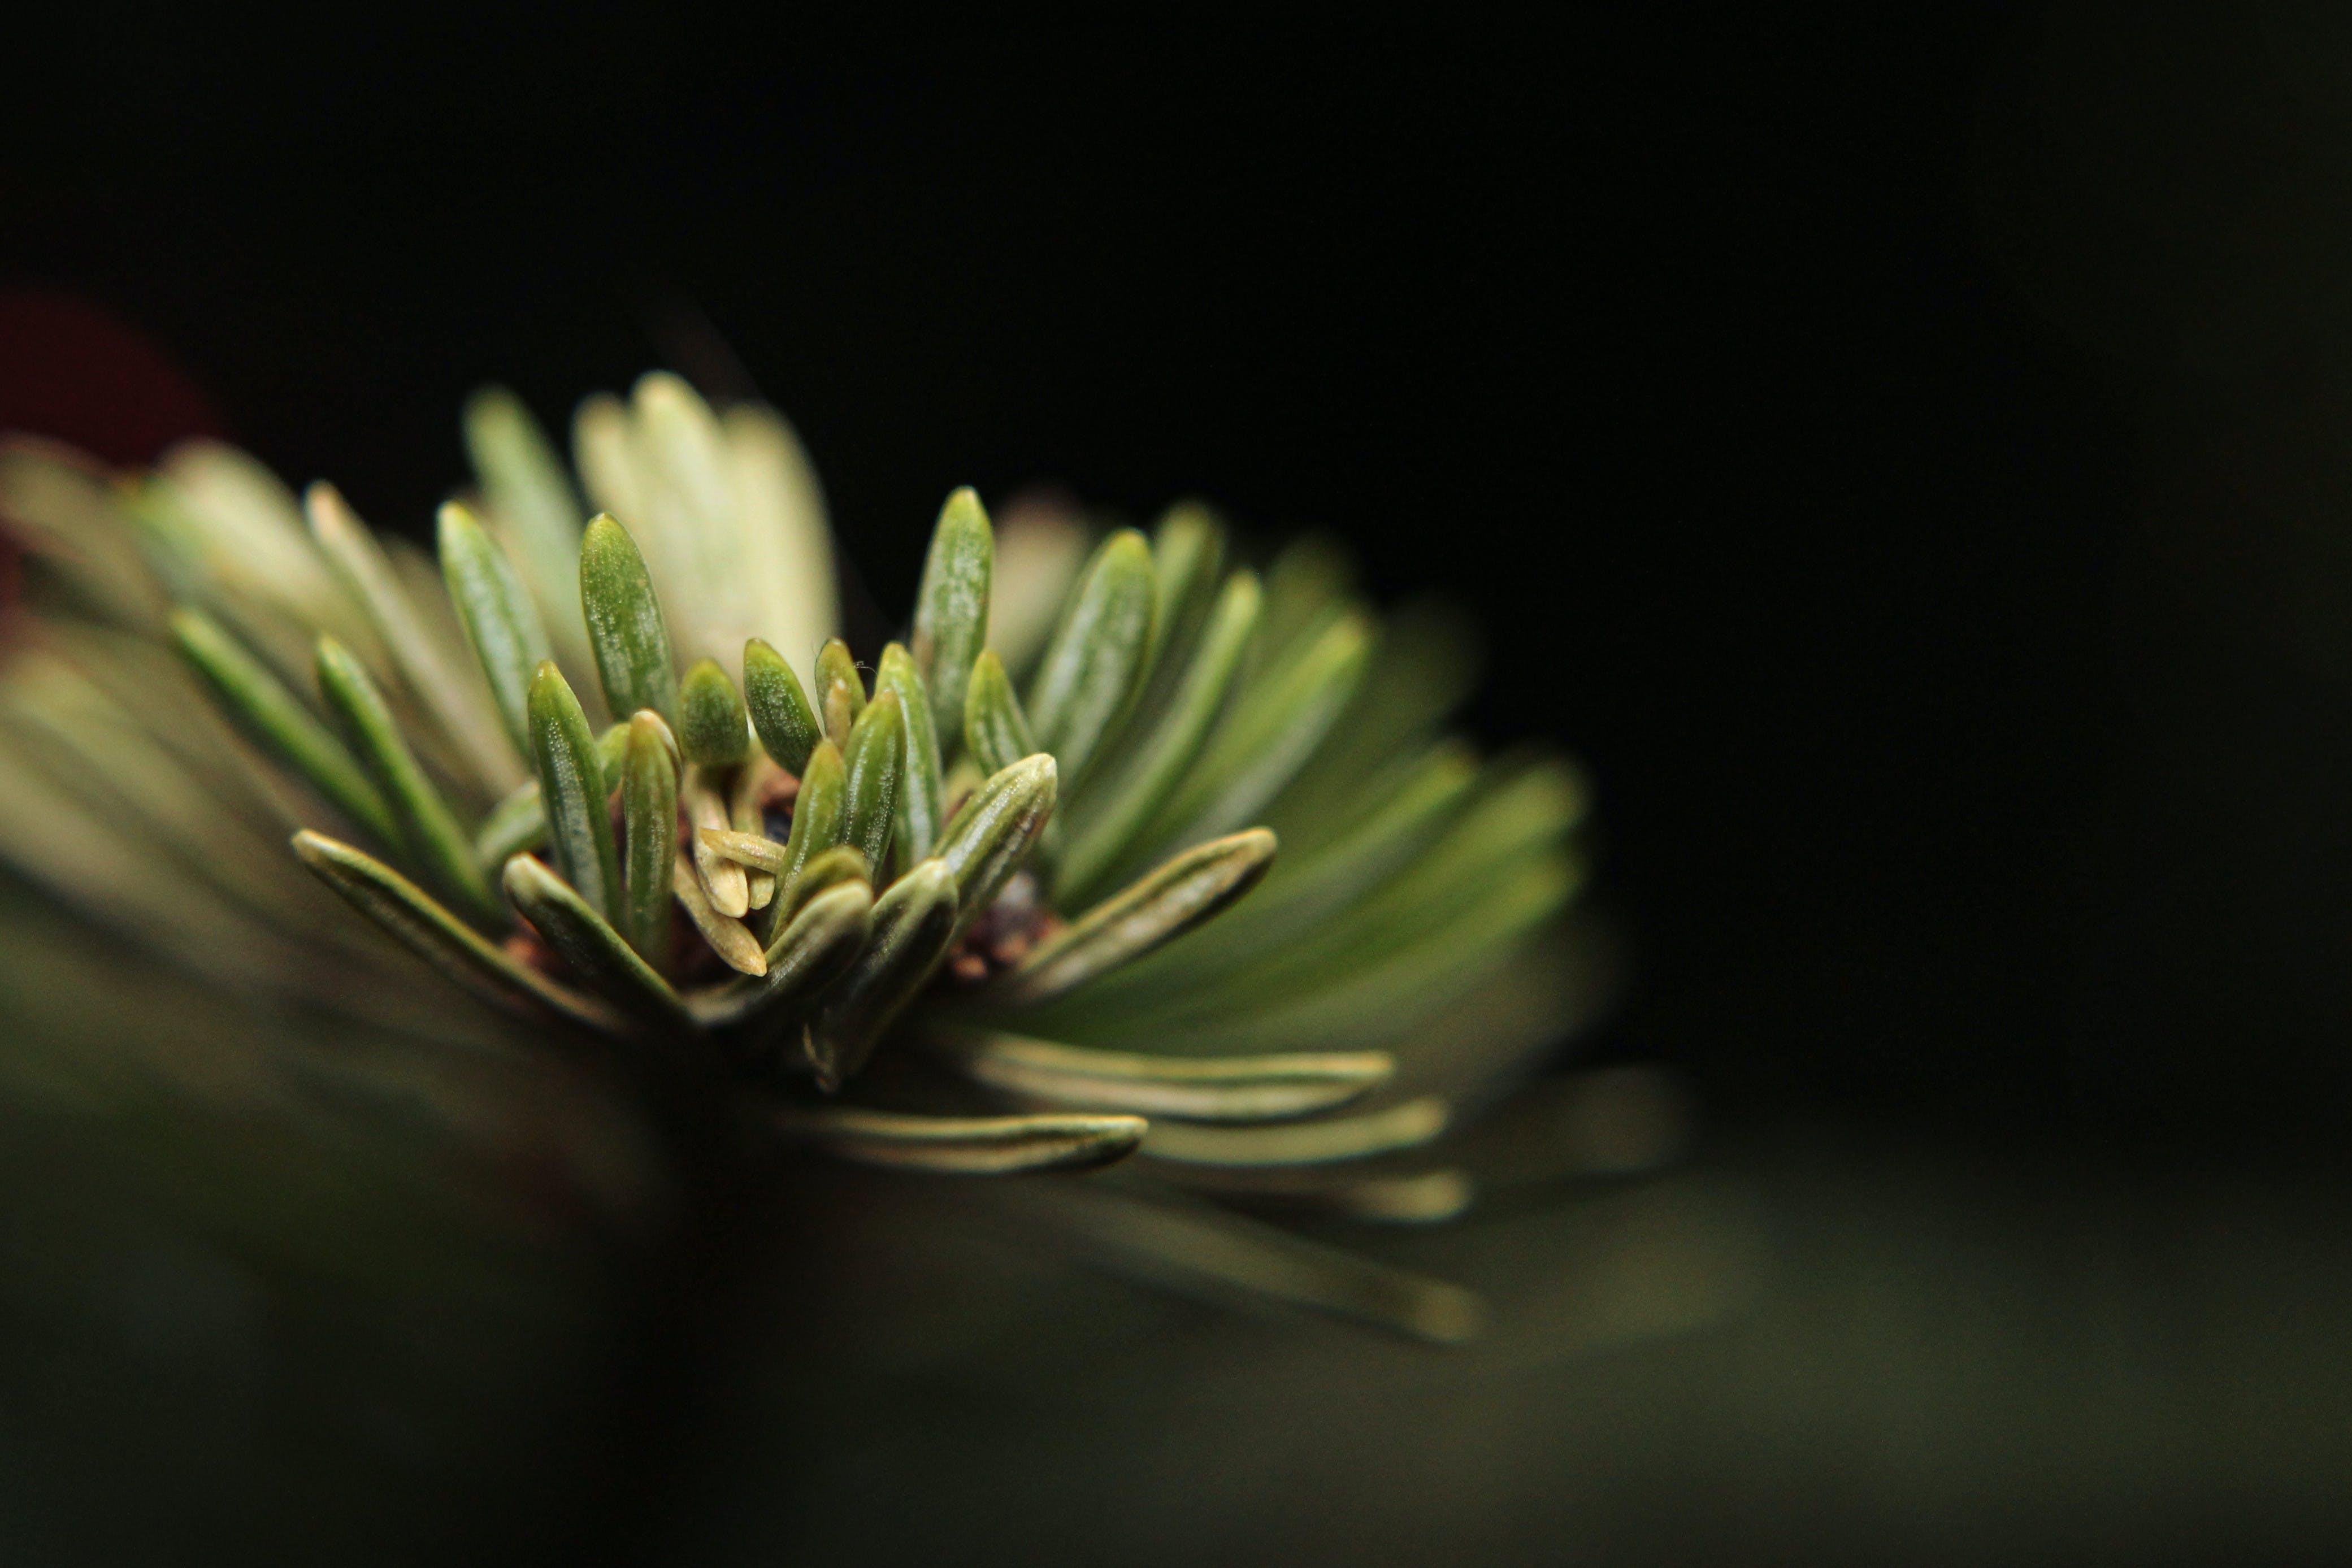 Kostenloses Stock Foto zu natur, pflanze, blätter, baum